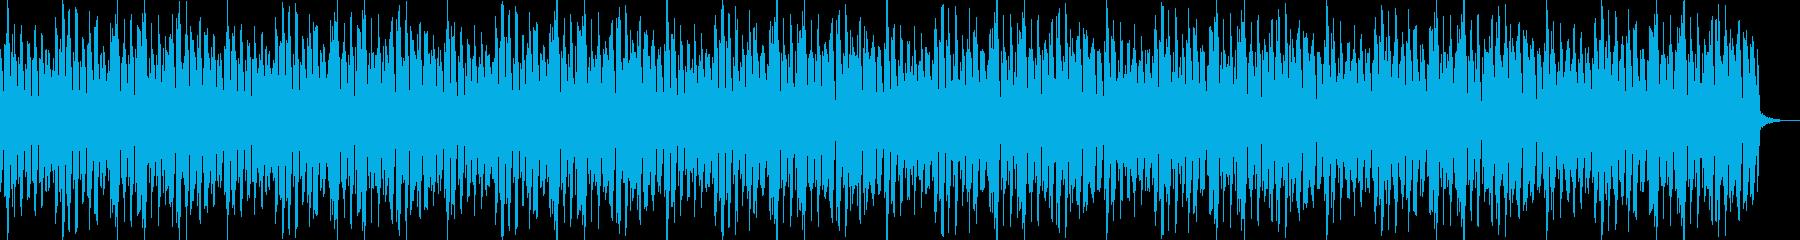 軽快なリズムのピアノBGMの再生済みの波形